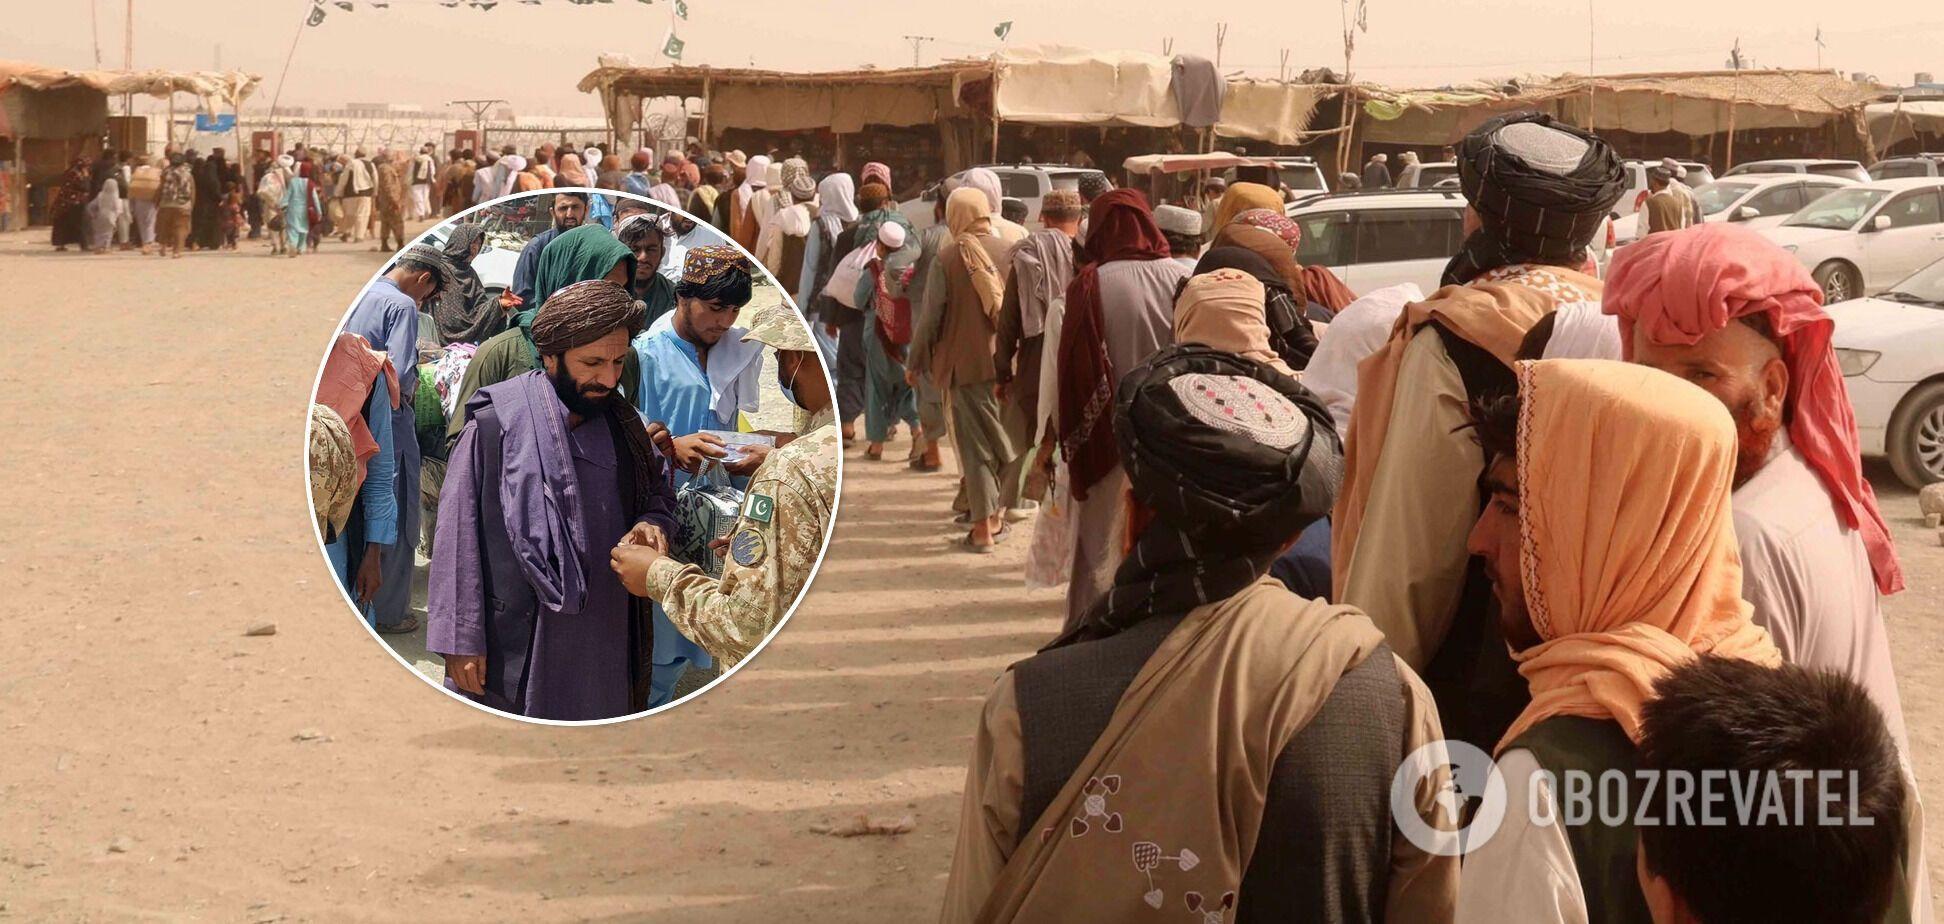 Афганцы, желающие вернуться на родину, на контрольно-пропускном пункте в пакистанском городе Чаман